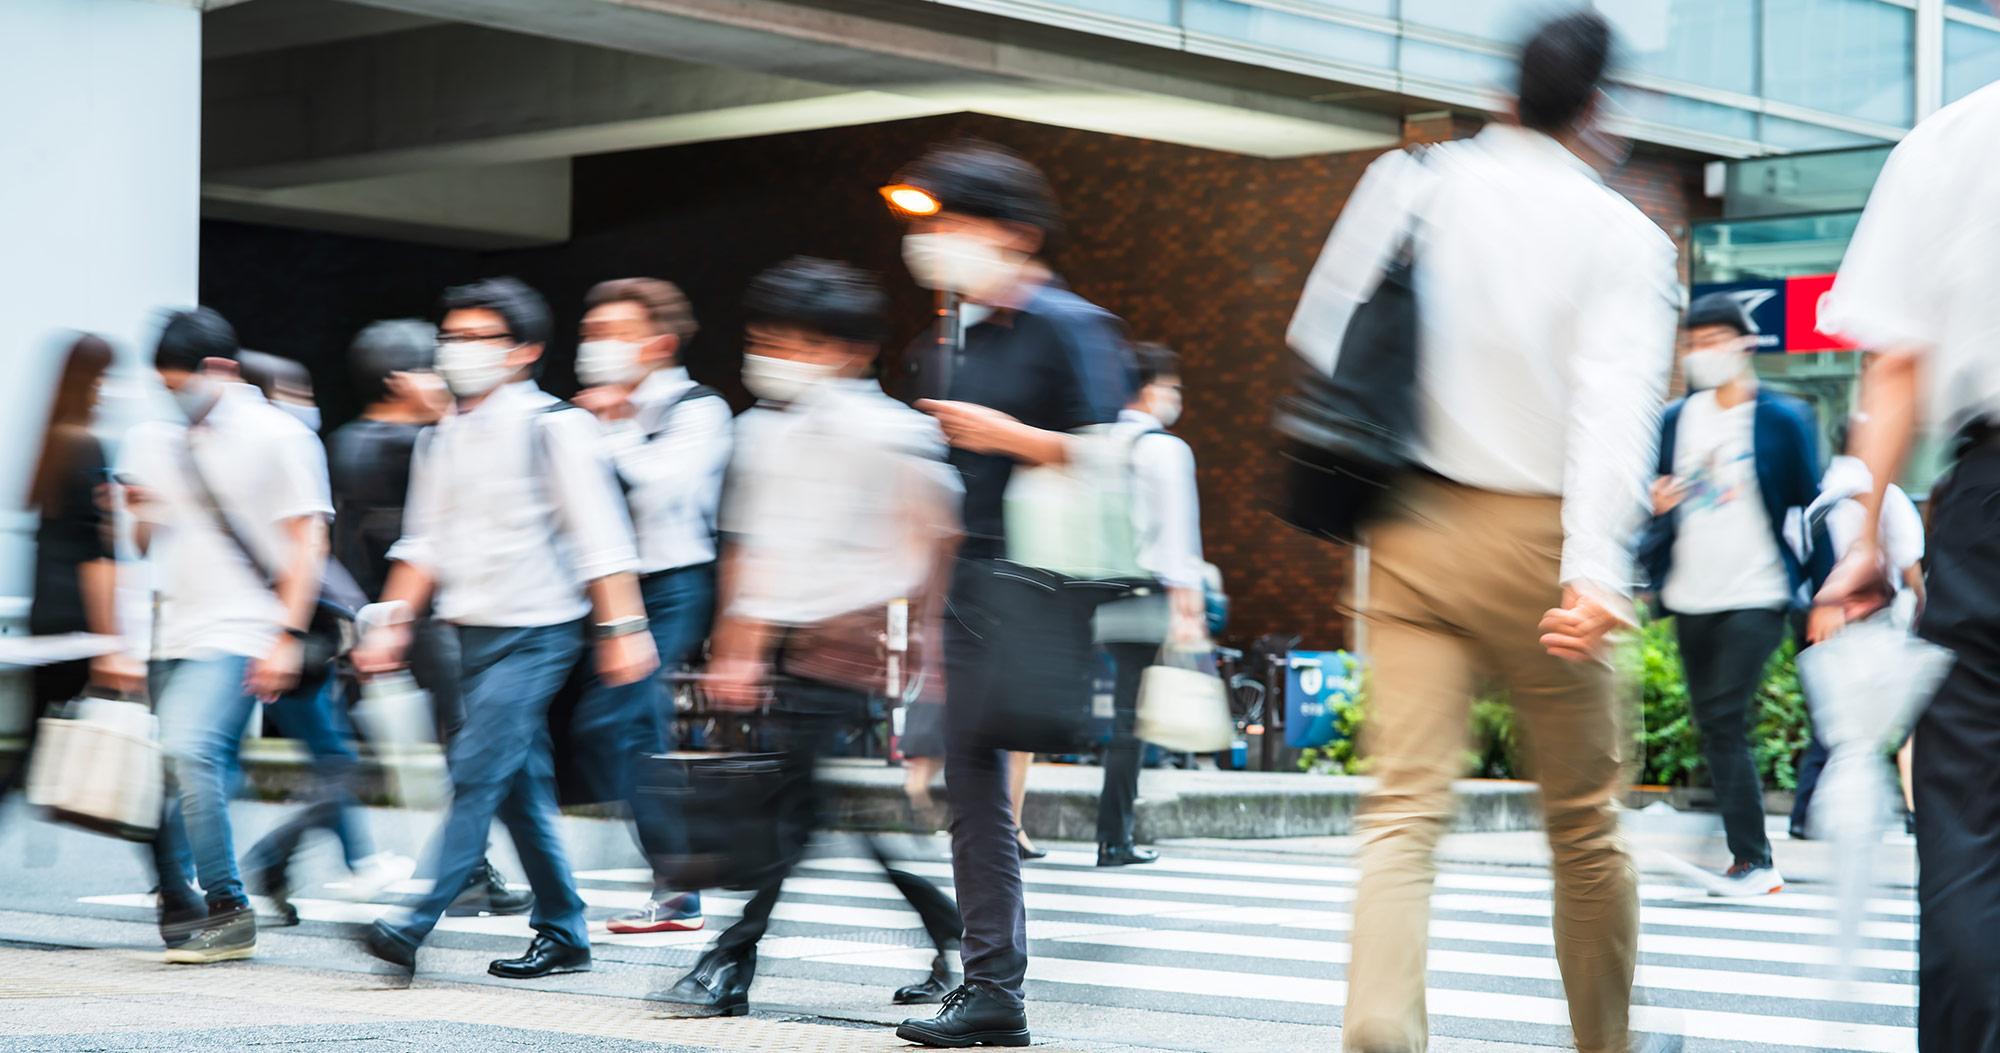 忙しいビジネスマンこそ未来を見据えてスキマ時間で効率的に学習